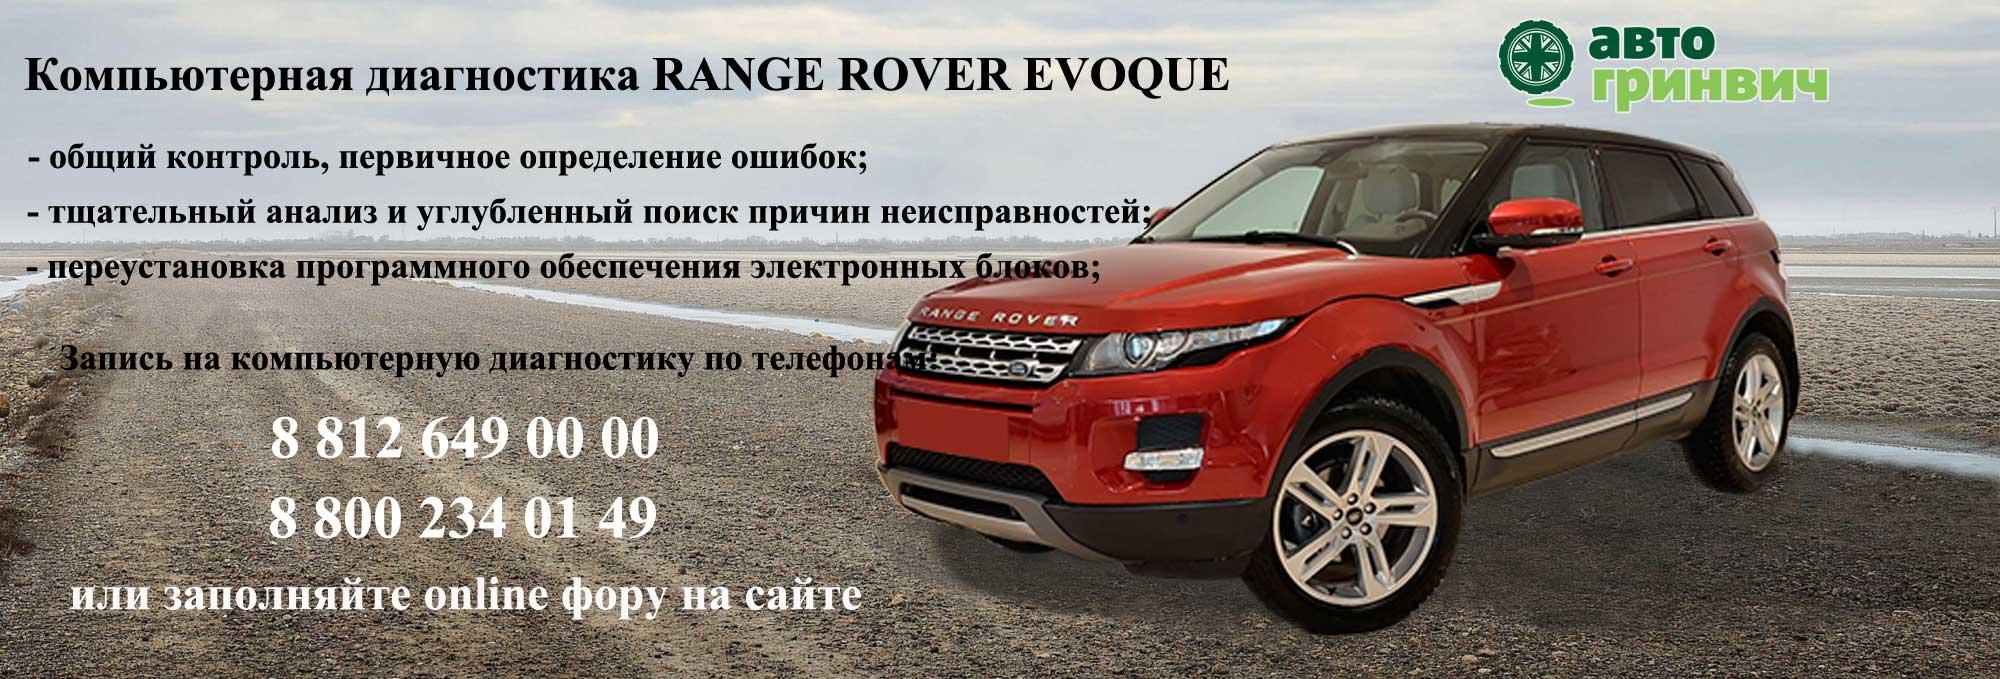 Диагностика Range Rover Evoque